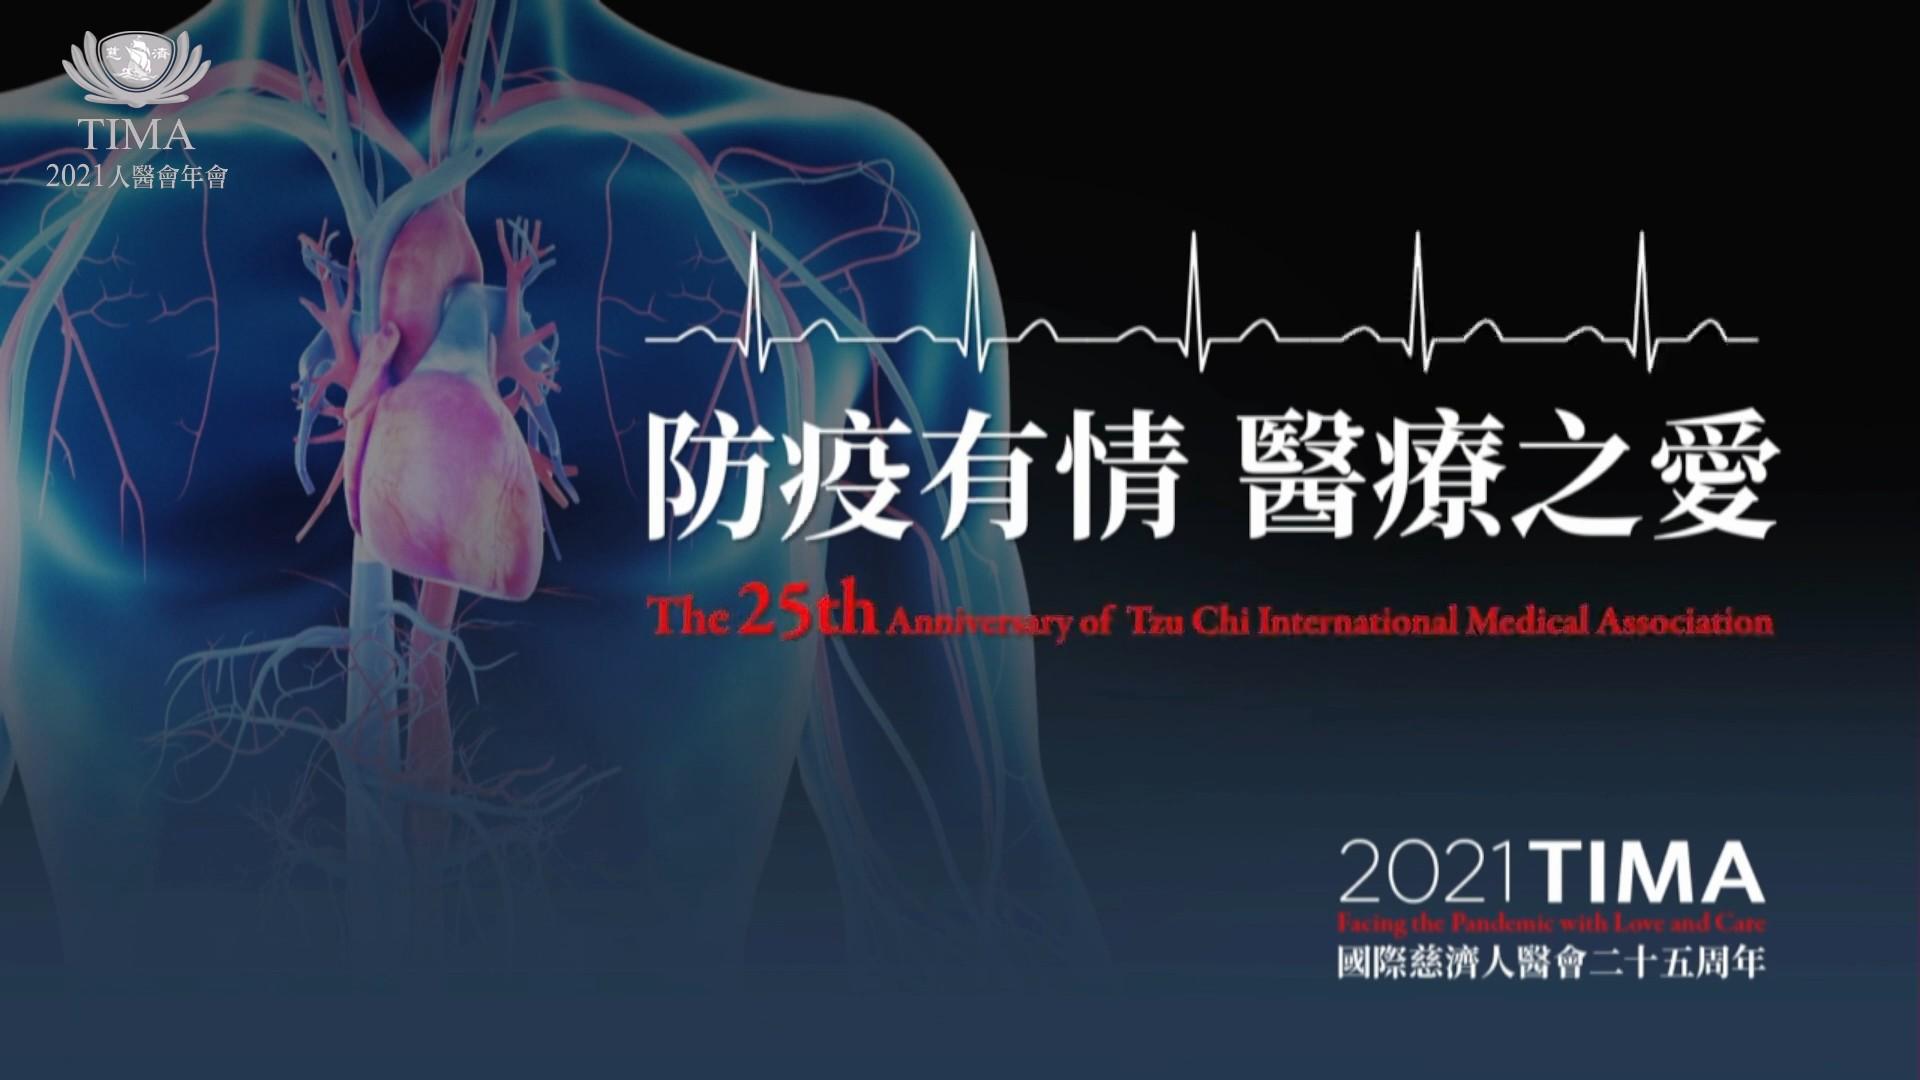 「2021國際慈濟人醫年會」9月18、19日以線上研習方式舉行,今年主題為「防疫有情‧醫療之愛」。